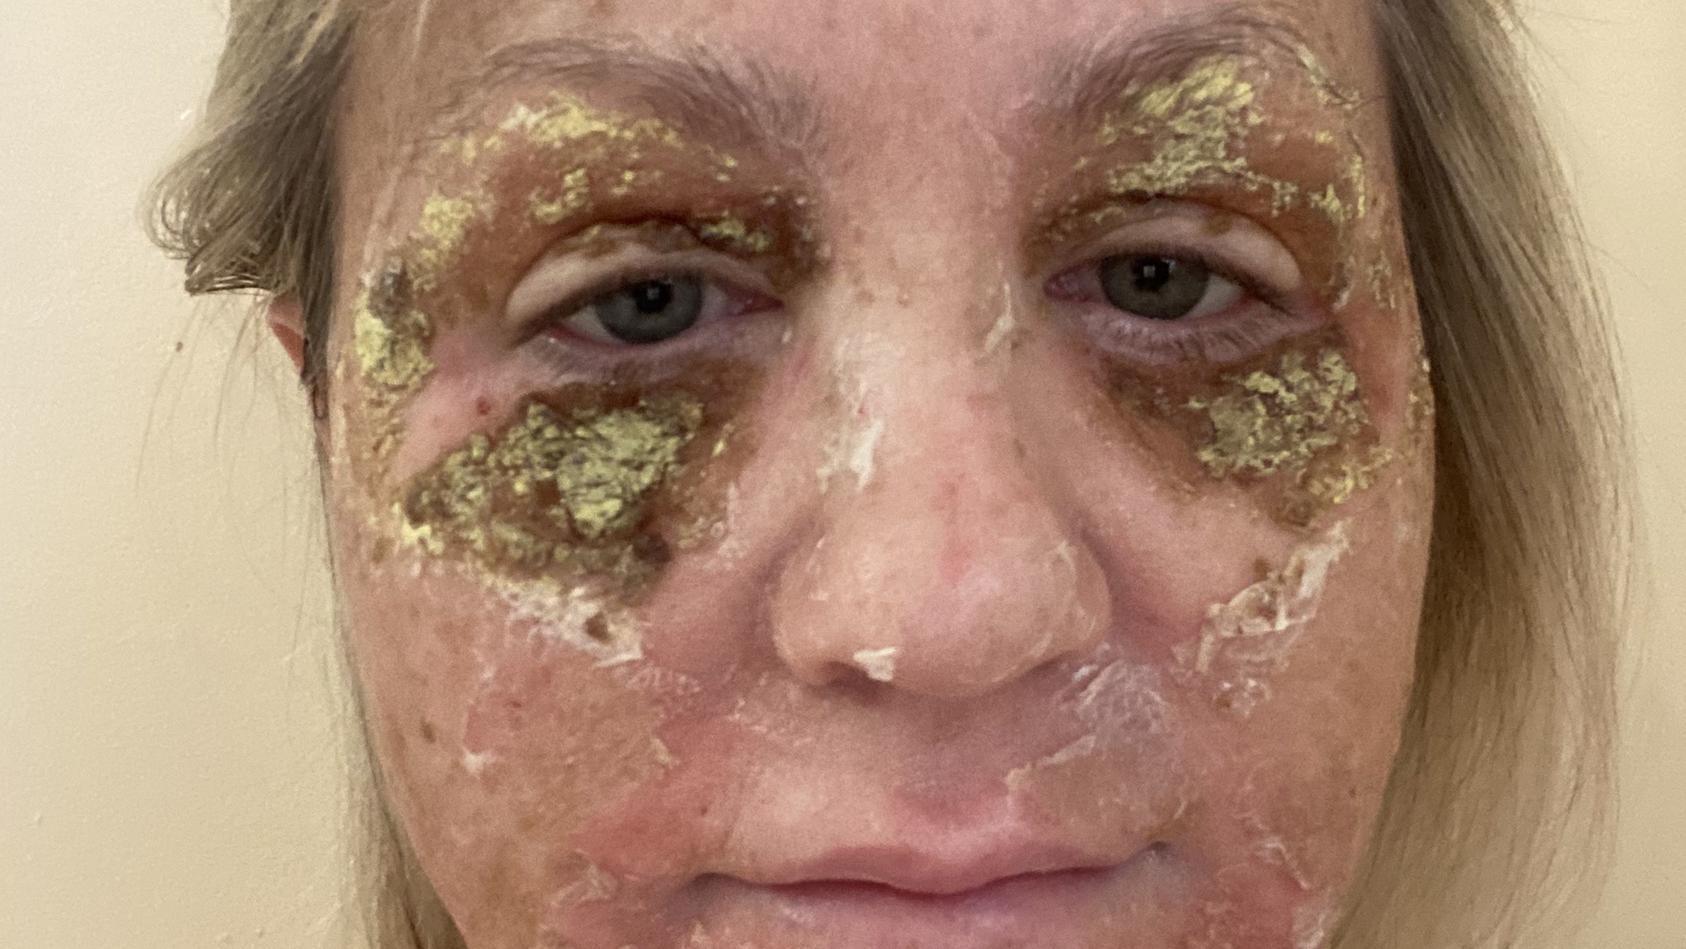 Amanda Watkins kurz nach ihrem chemischen Peeling. Ihre Haut schuppt sich vom Gesicht.